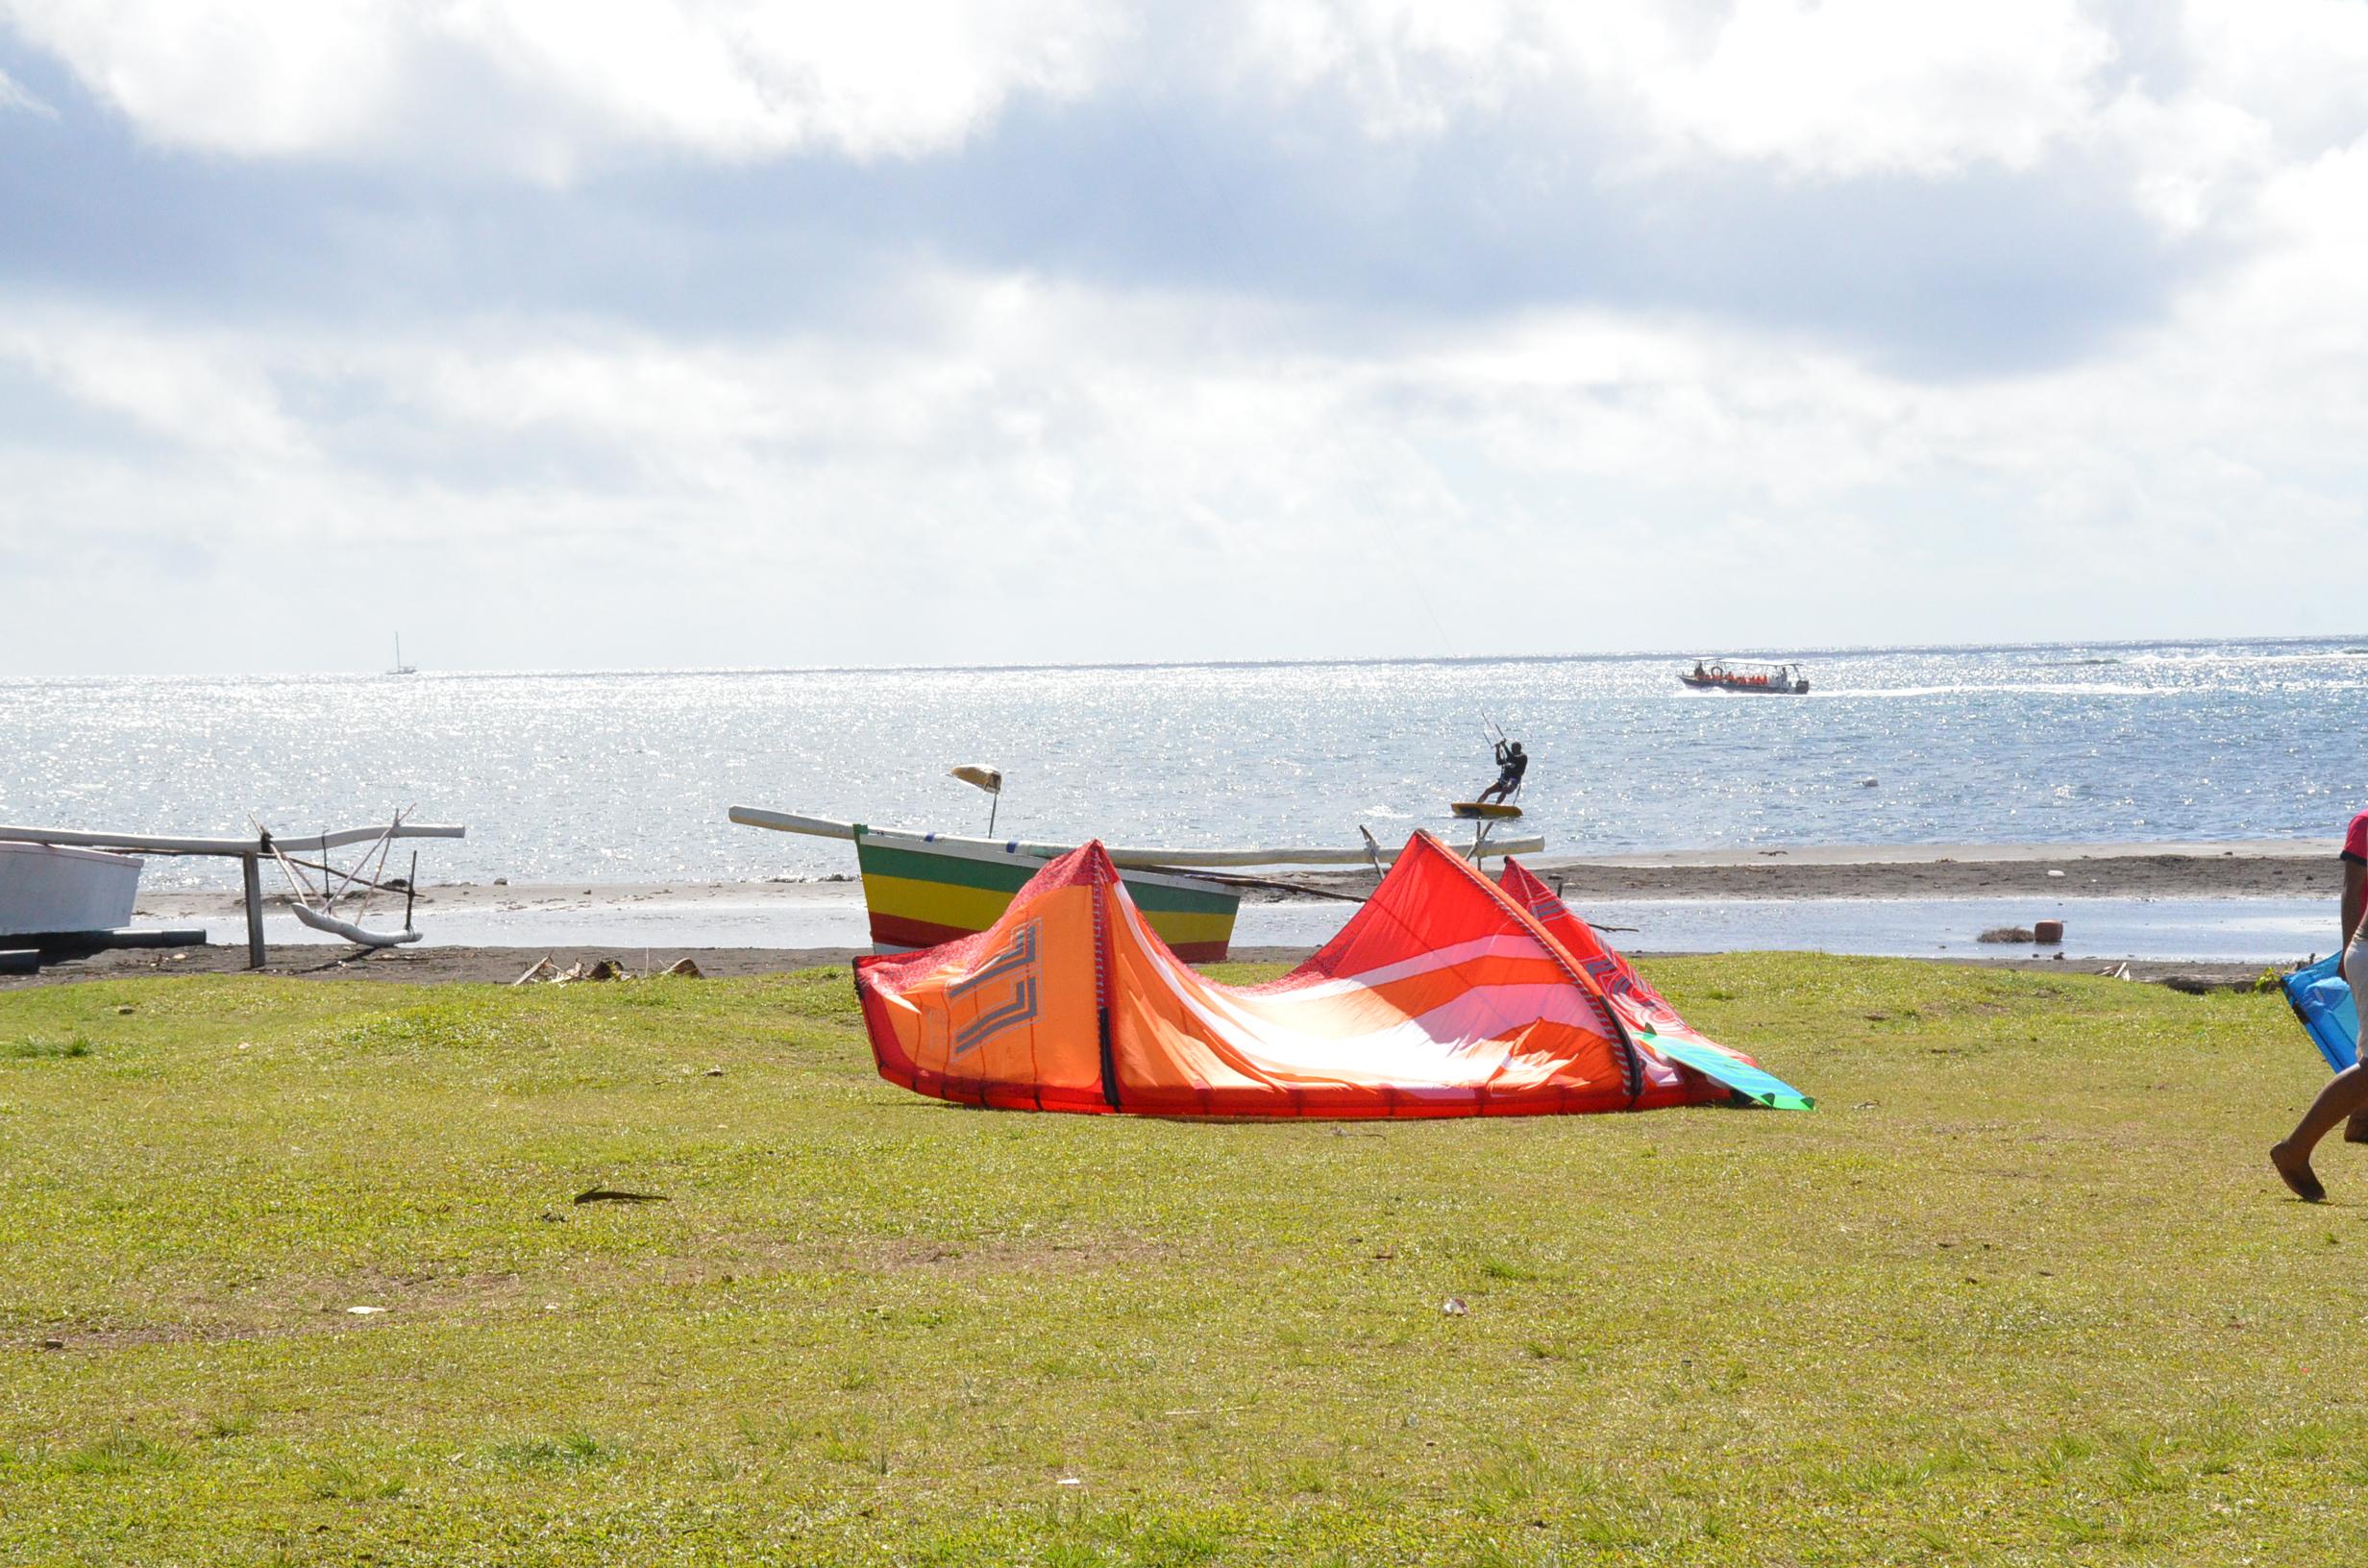 La pratique du kitesurf à Moorea a été règlementée depuis le 23 juillet 2015. Un recours a été déposé par l'association Moorea Kitesurf au tribunal administratif pour l'annulation de l'arrêté municipal. La décision est attendue au 28 juin